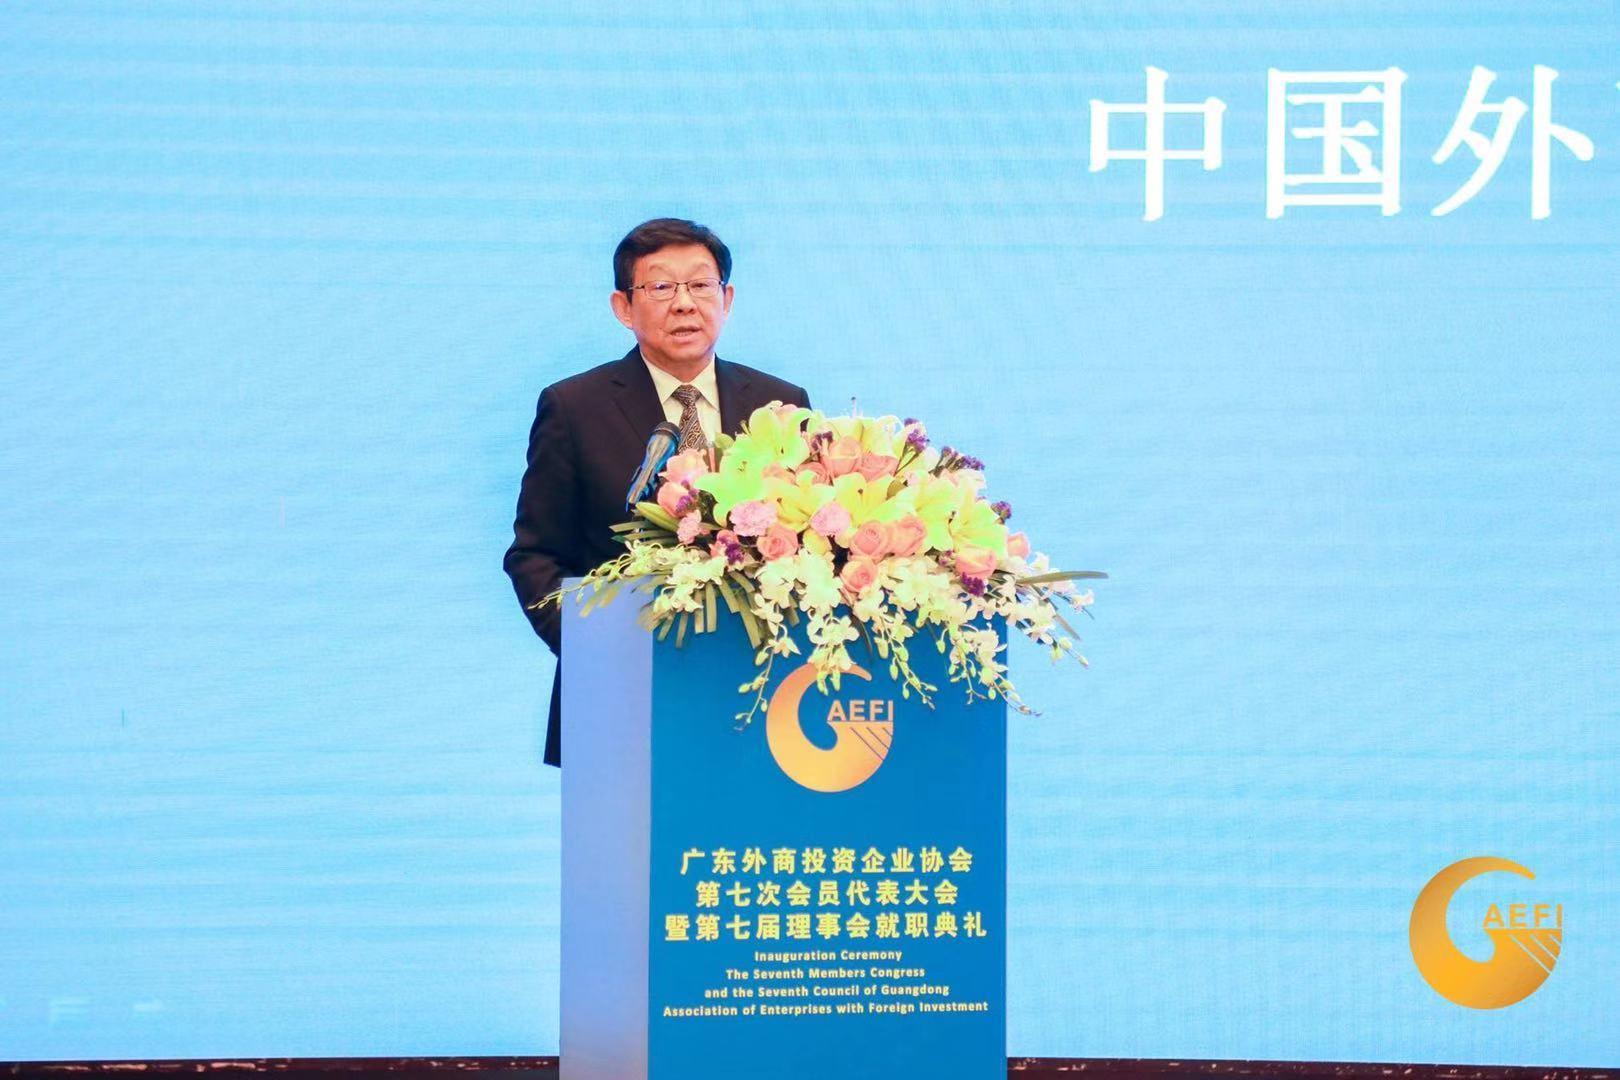 陈德铭会长出席广东外商投资企业协会会员代表大会暨理事会就职典礼